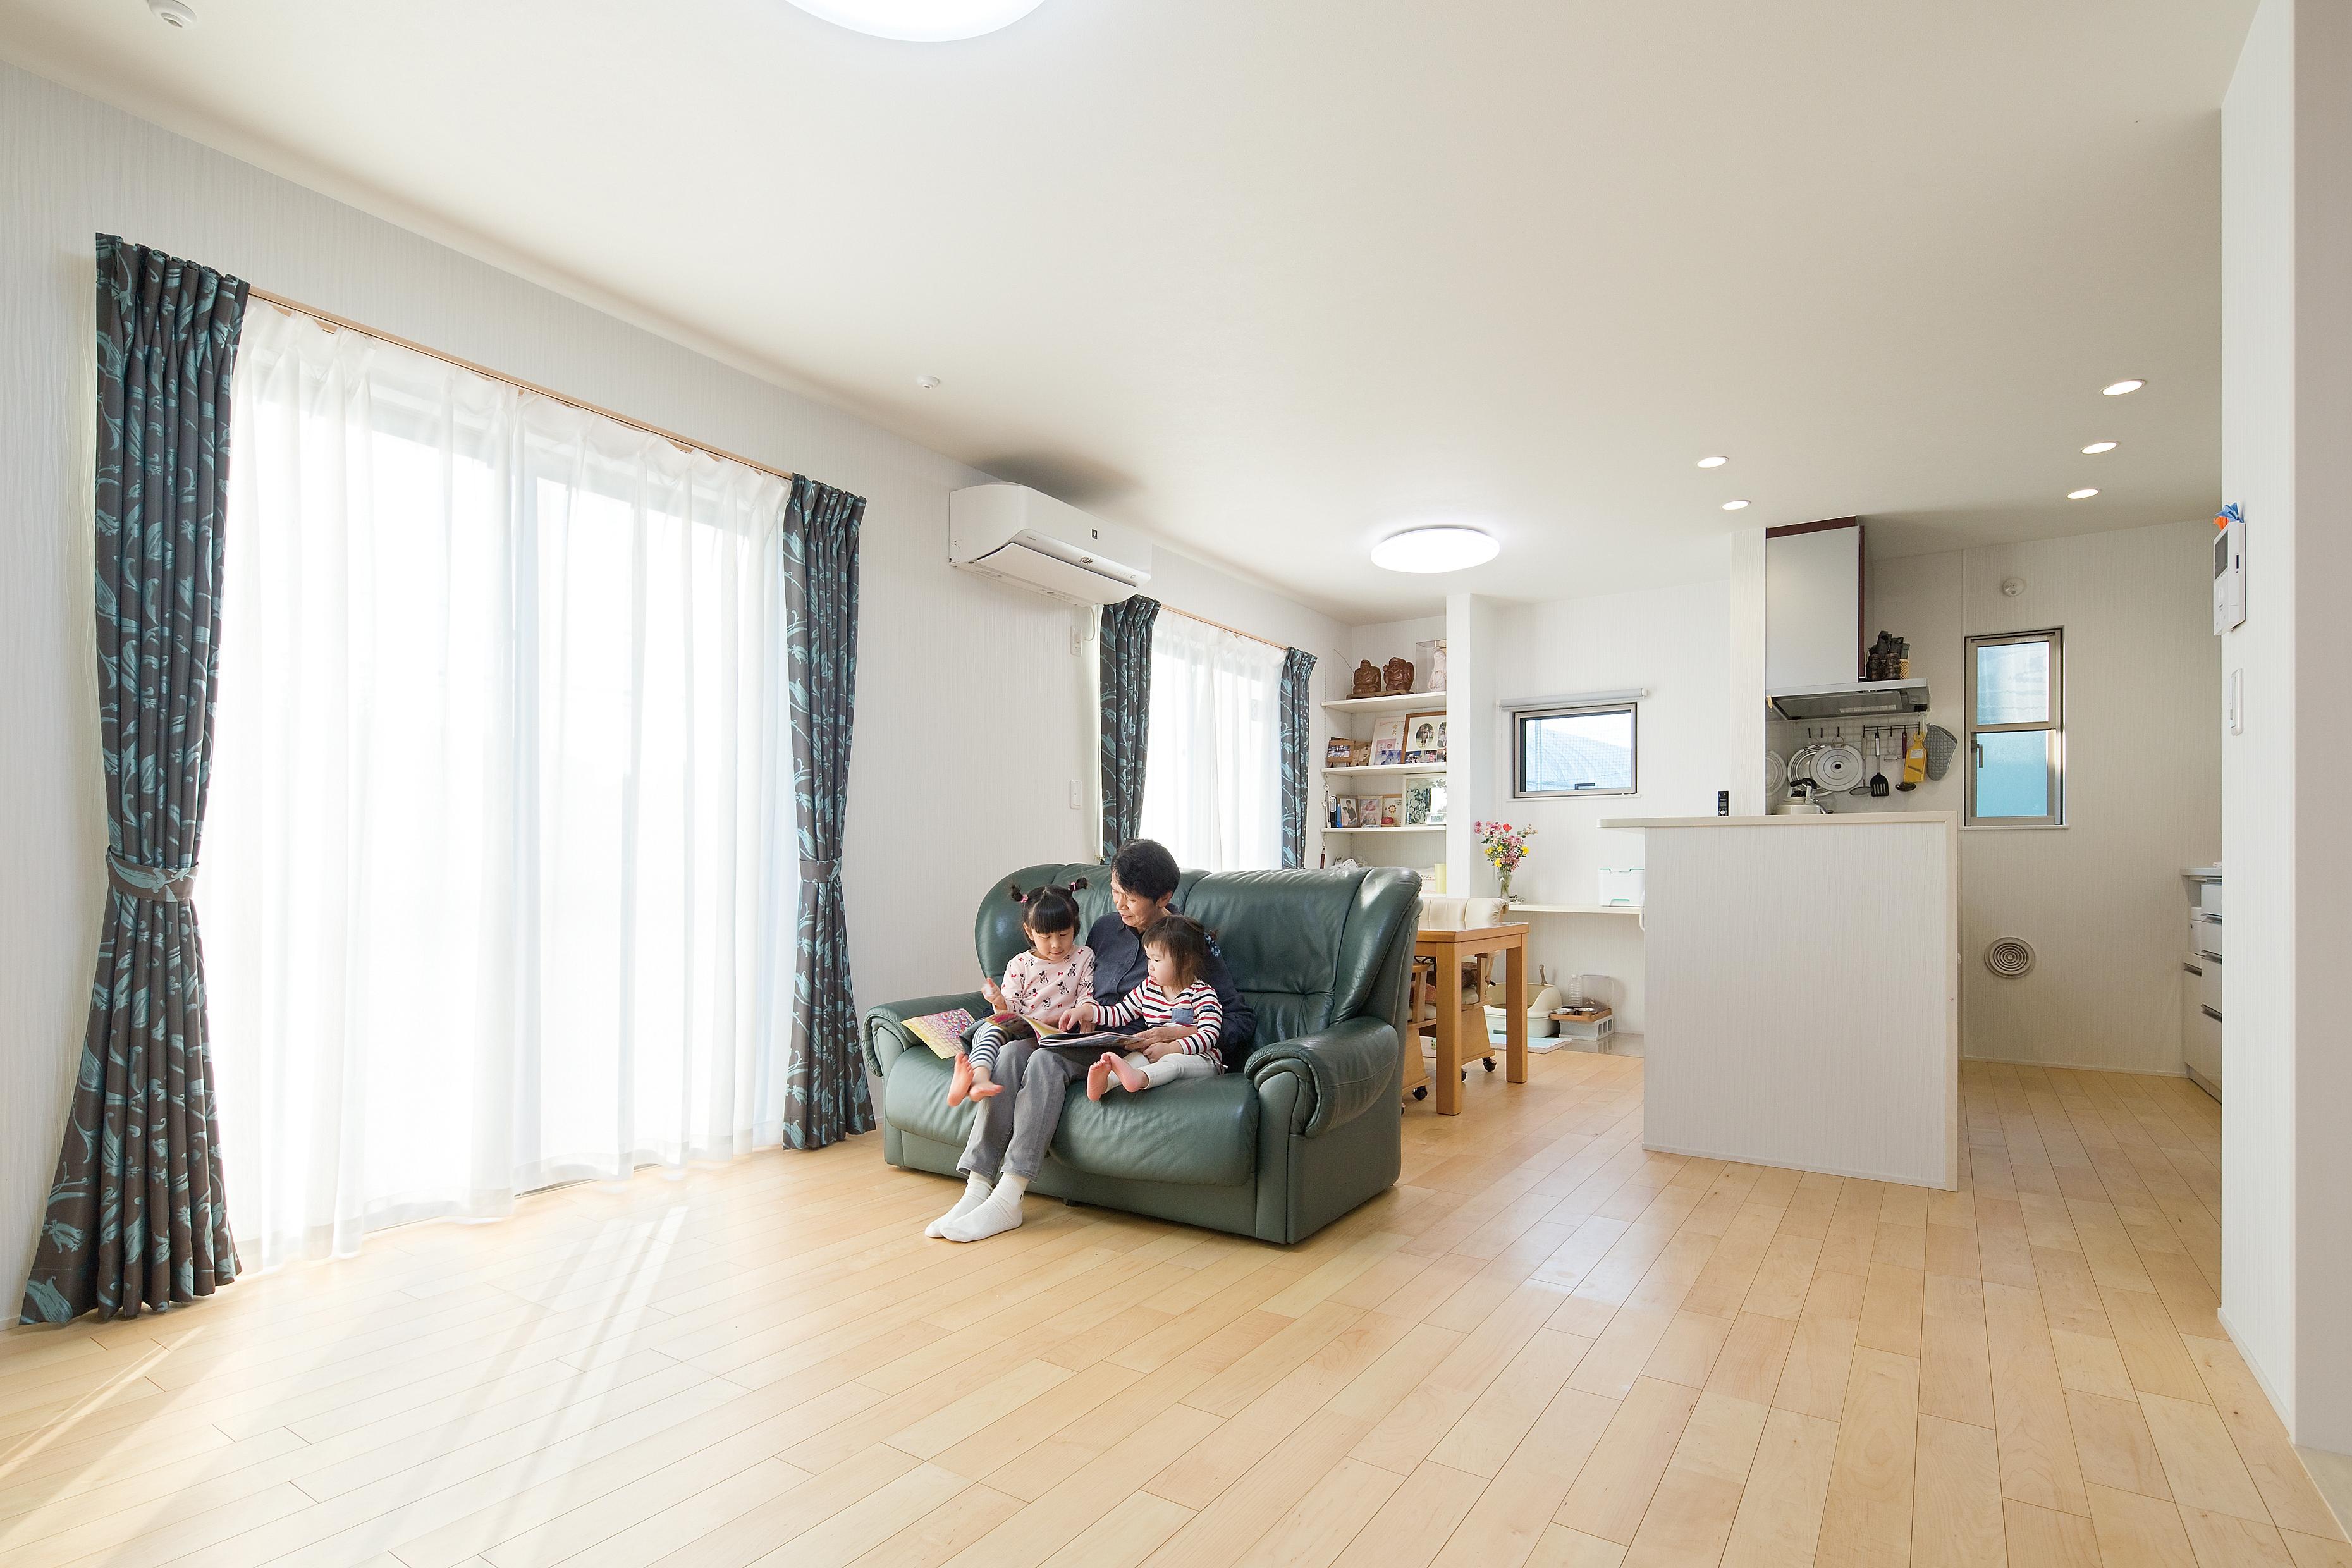 1階に住むご両親の世帯にも行き来できます。ご家族の皆さんが笑顔で過ごせる間取りになりました。